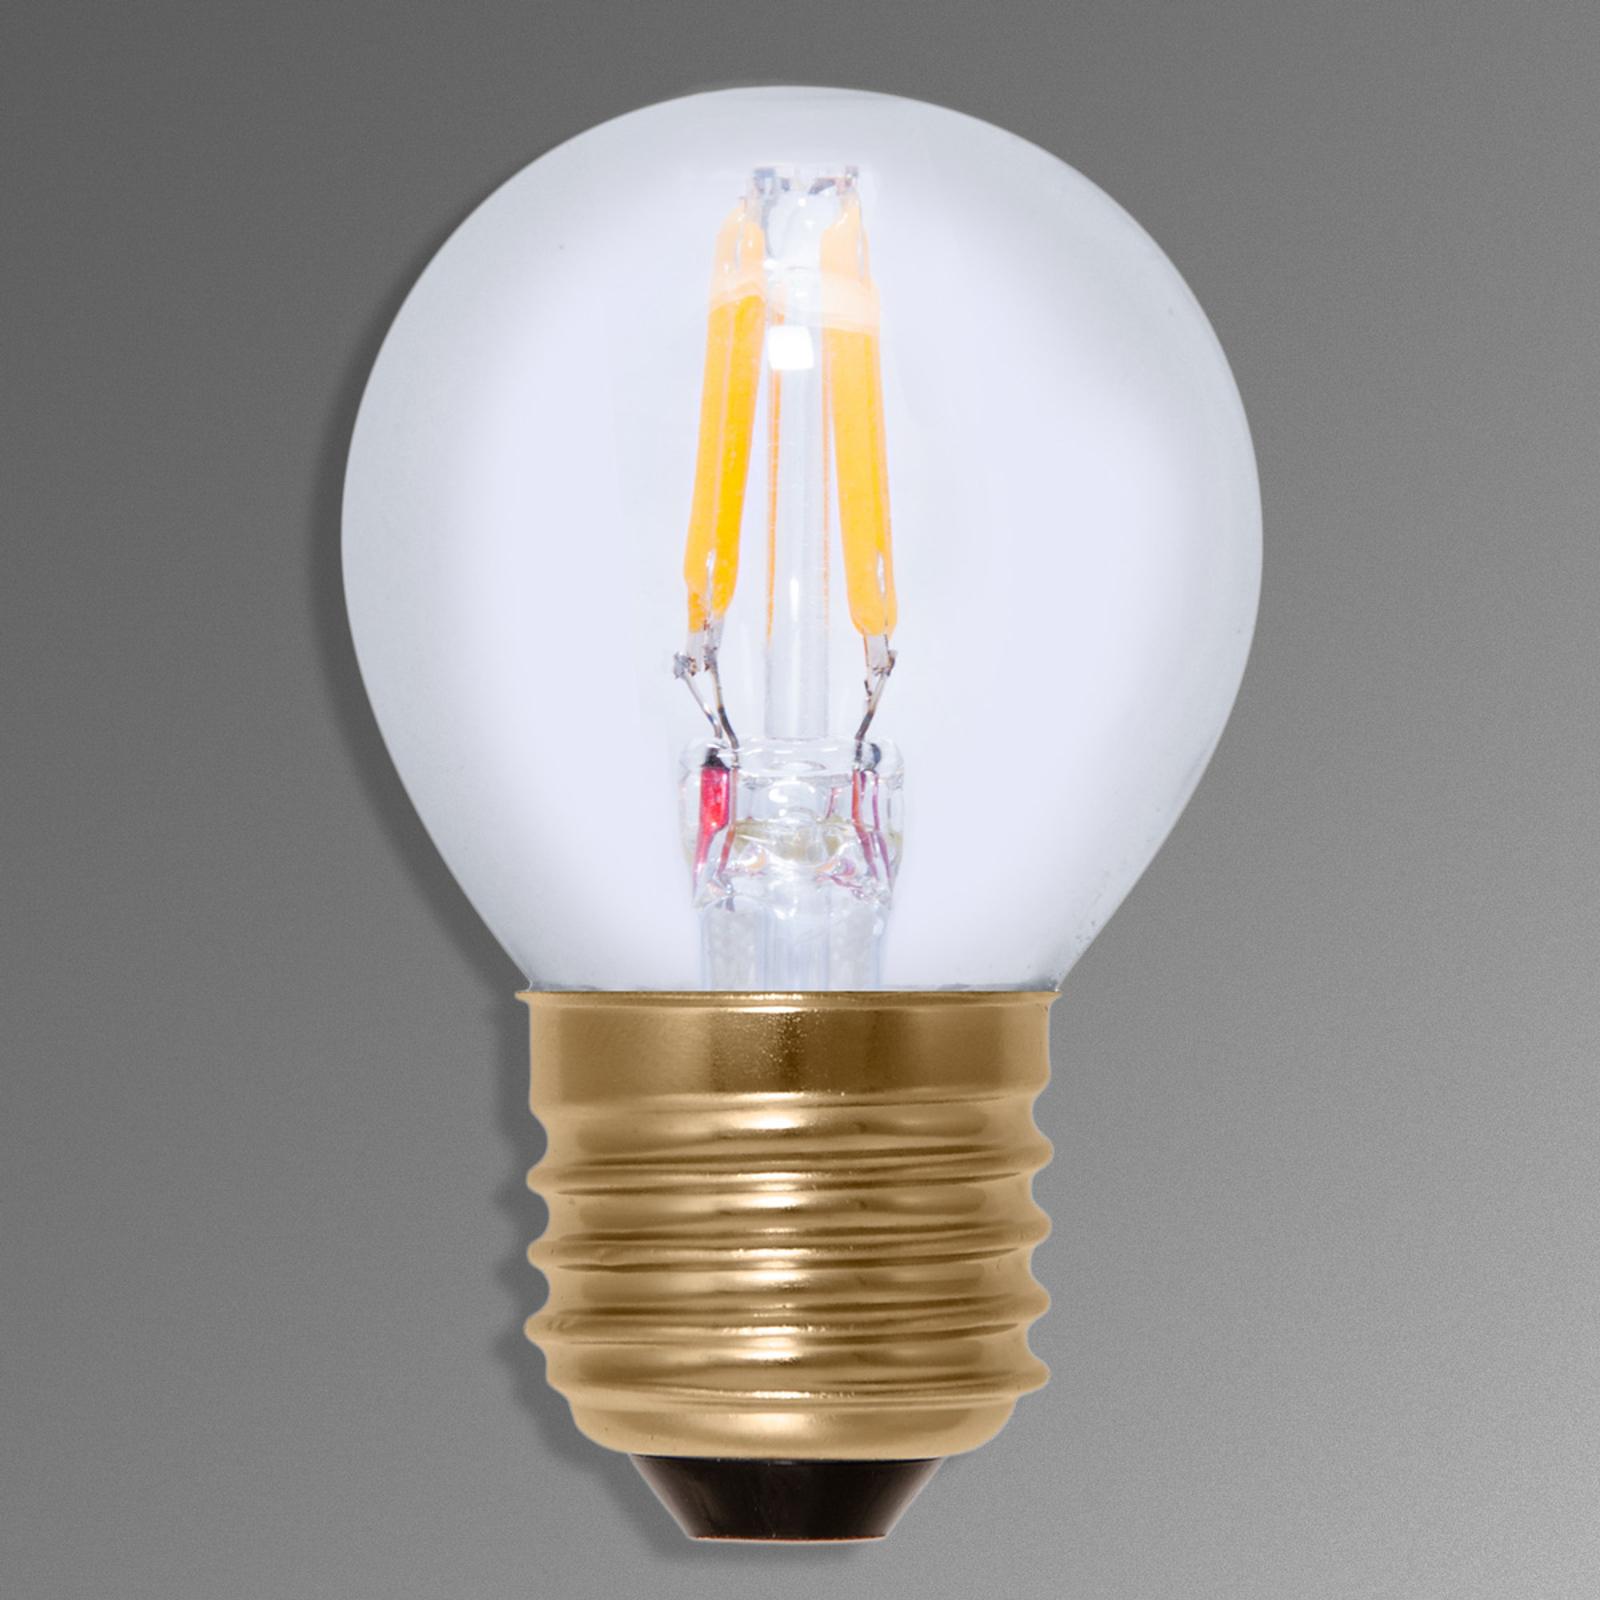 E27 2,7W 922 LED-dråbepære i kultrådslook